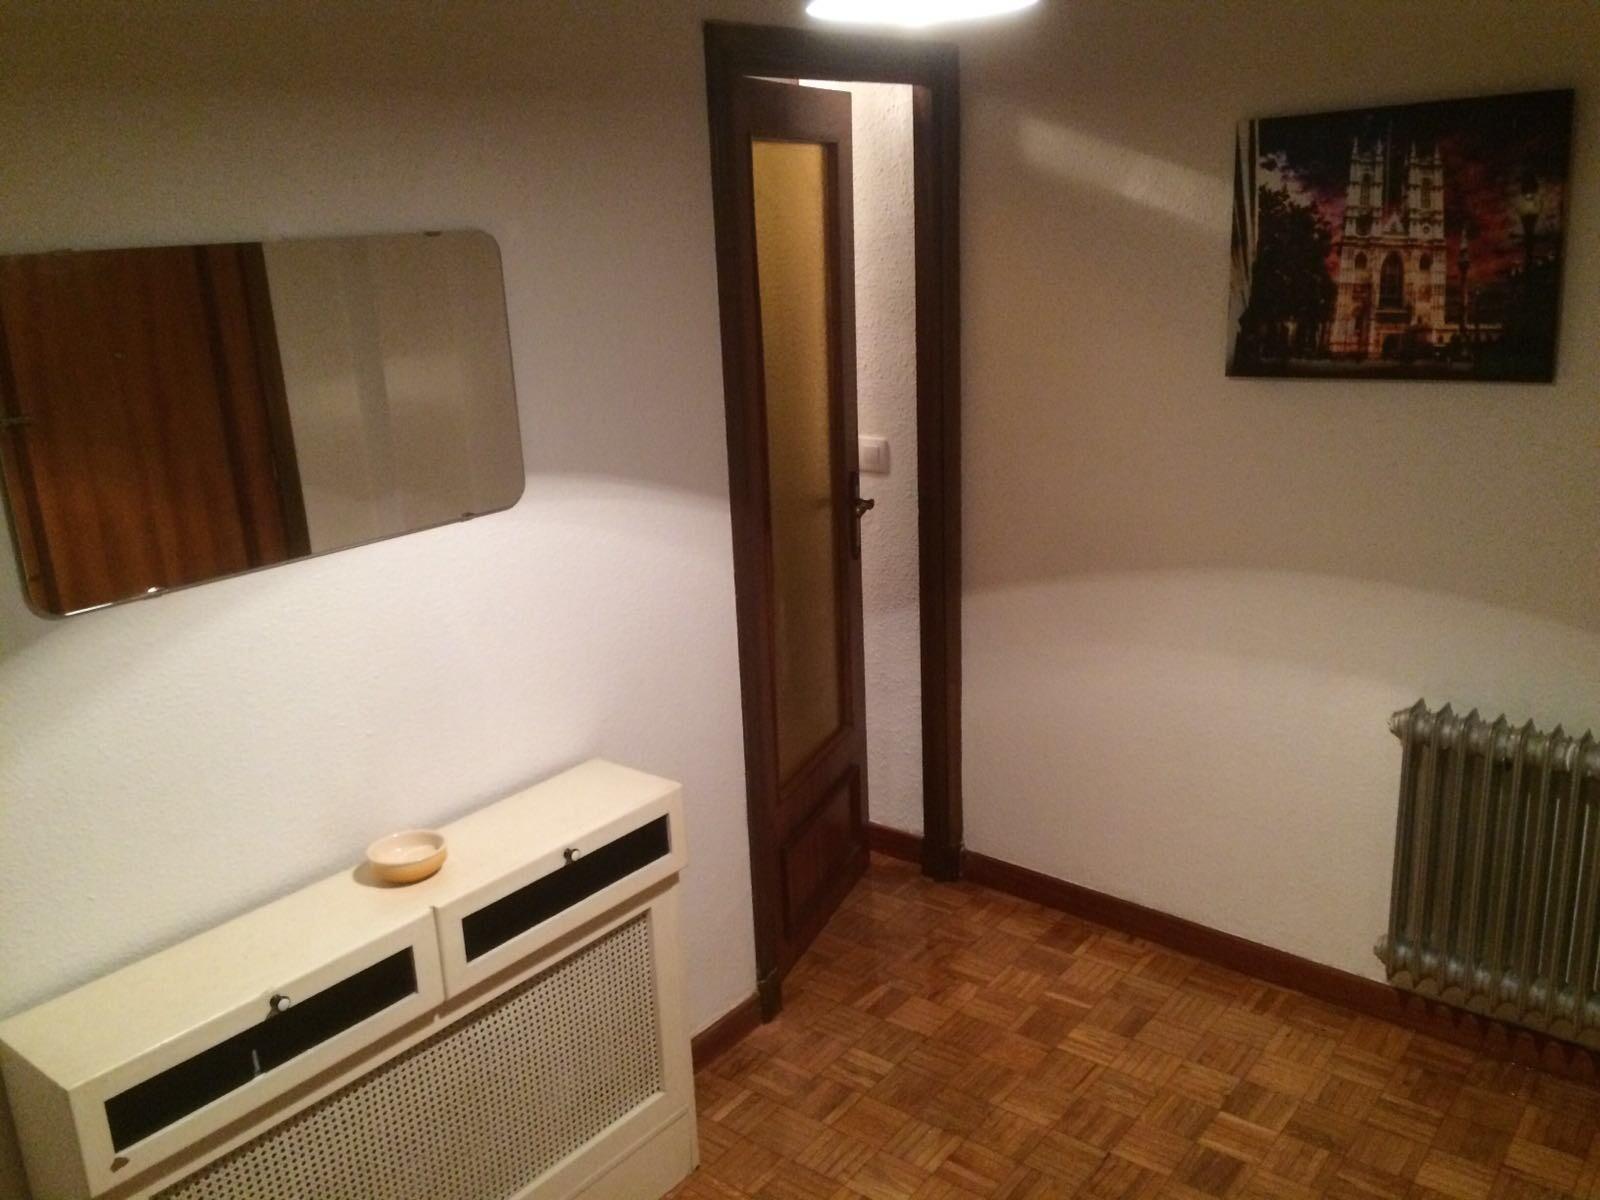 piso-recien-pintado-banos-cocina-a-estre